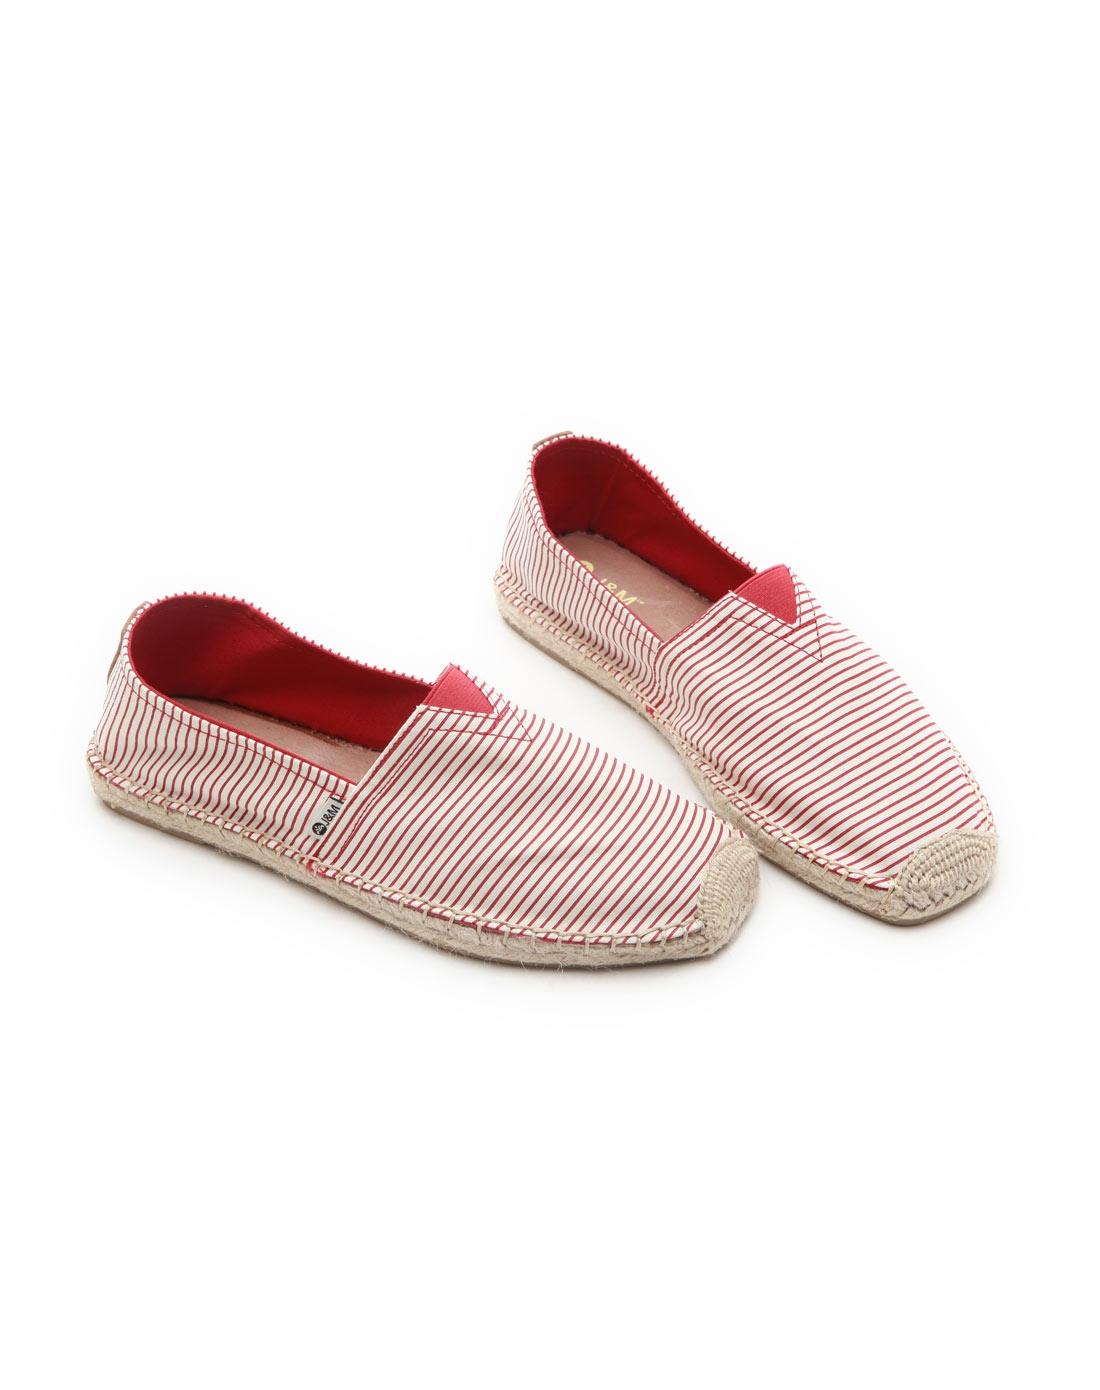 快乐玛丽j&m男女鞋春夏新款低帮条纹帆布鞋潮休闲男